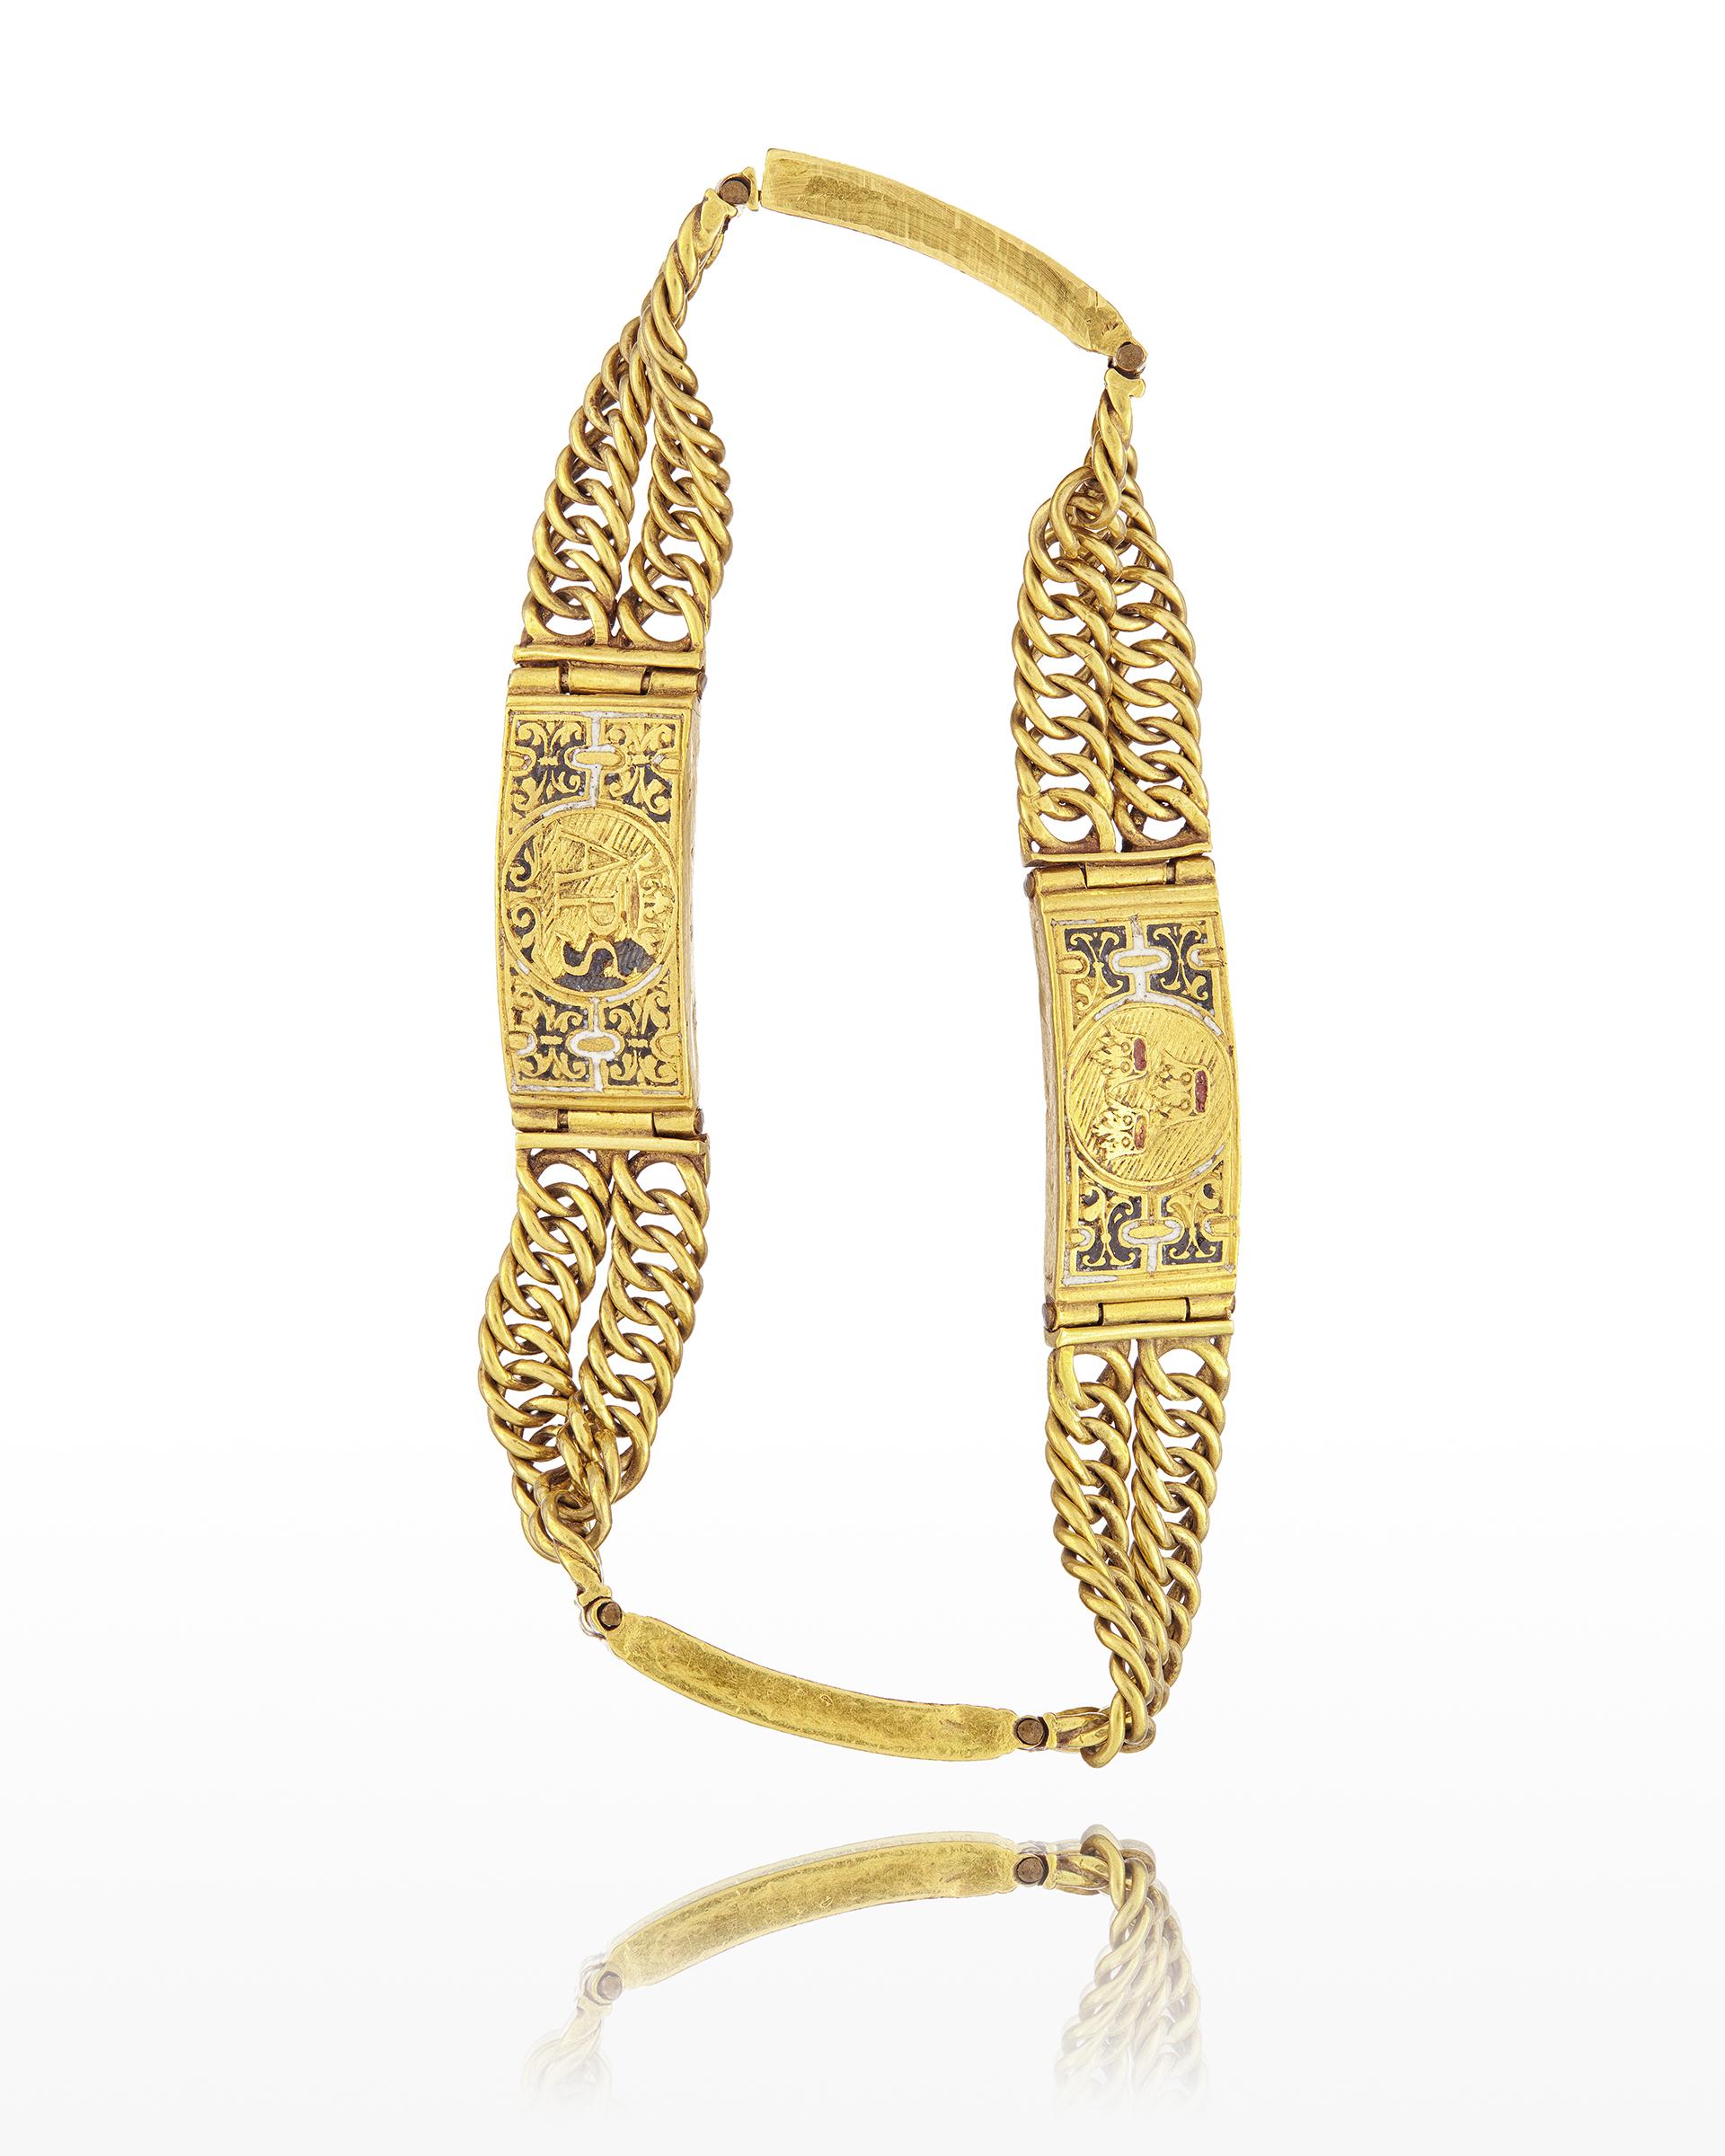 Guldarmband med kedjor och plattor med dekor av emalj.